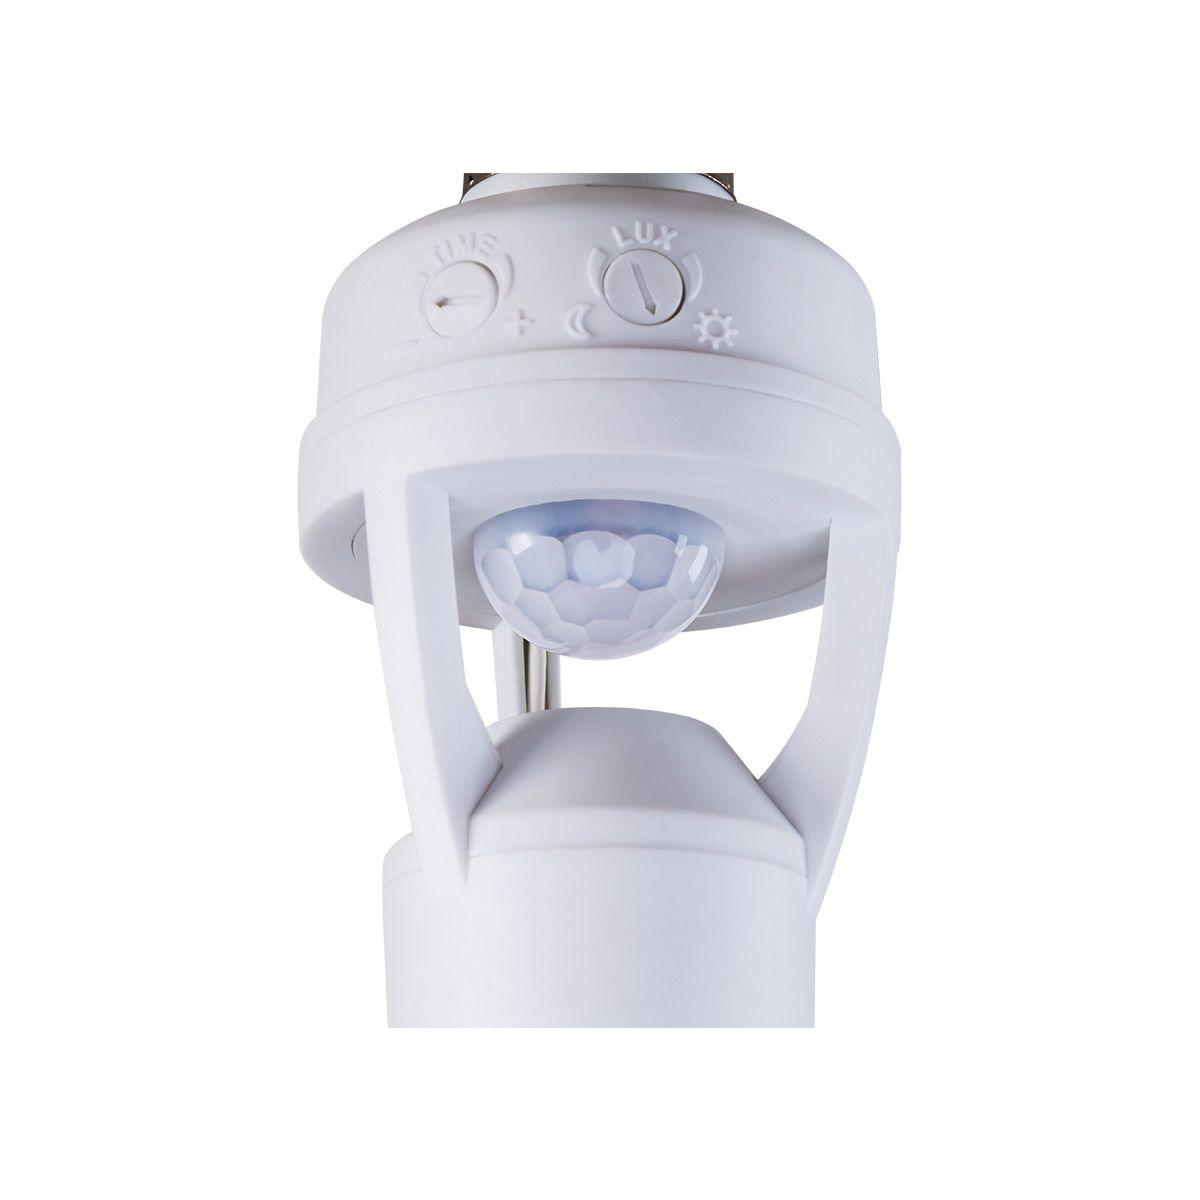 Sensor de presença para iluminação intelbras ESP 360 S  - JS Soluções em Segurança